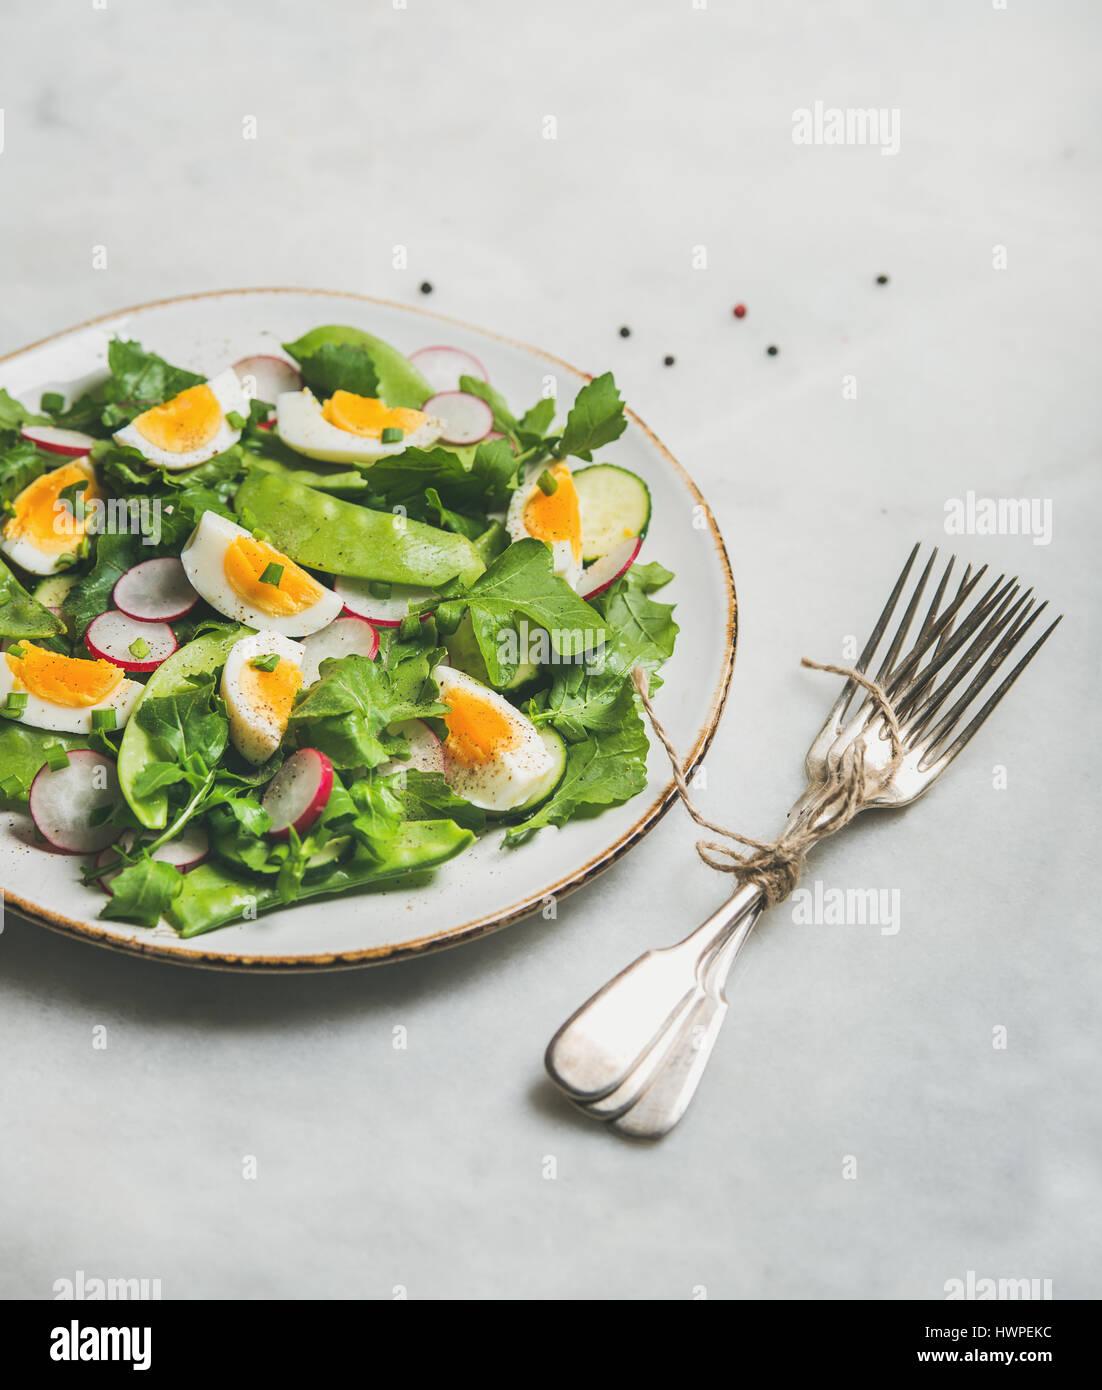 Saludable ensalada verde primavera con verduras, guisantes y huevo Imagen De Stock